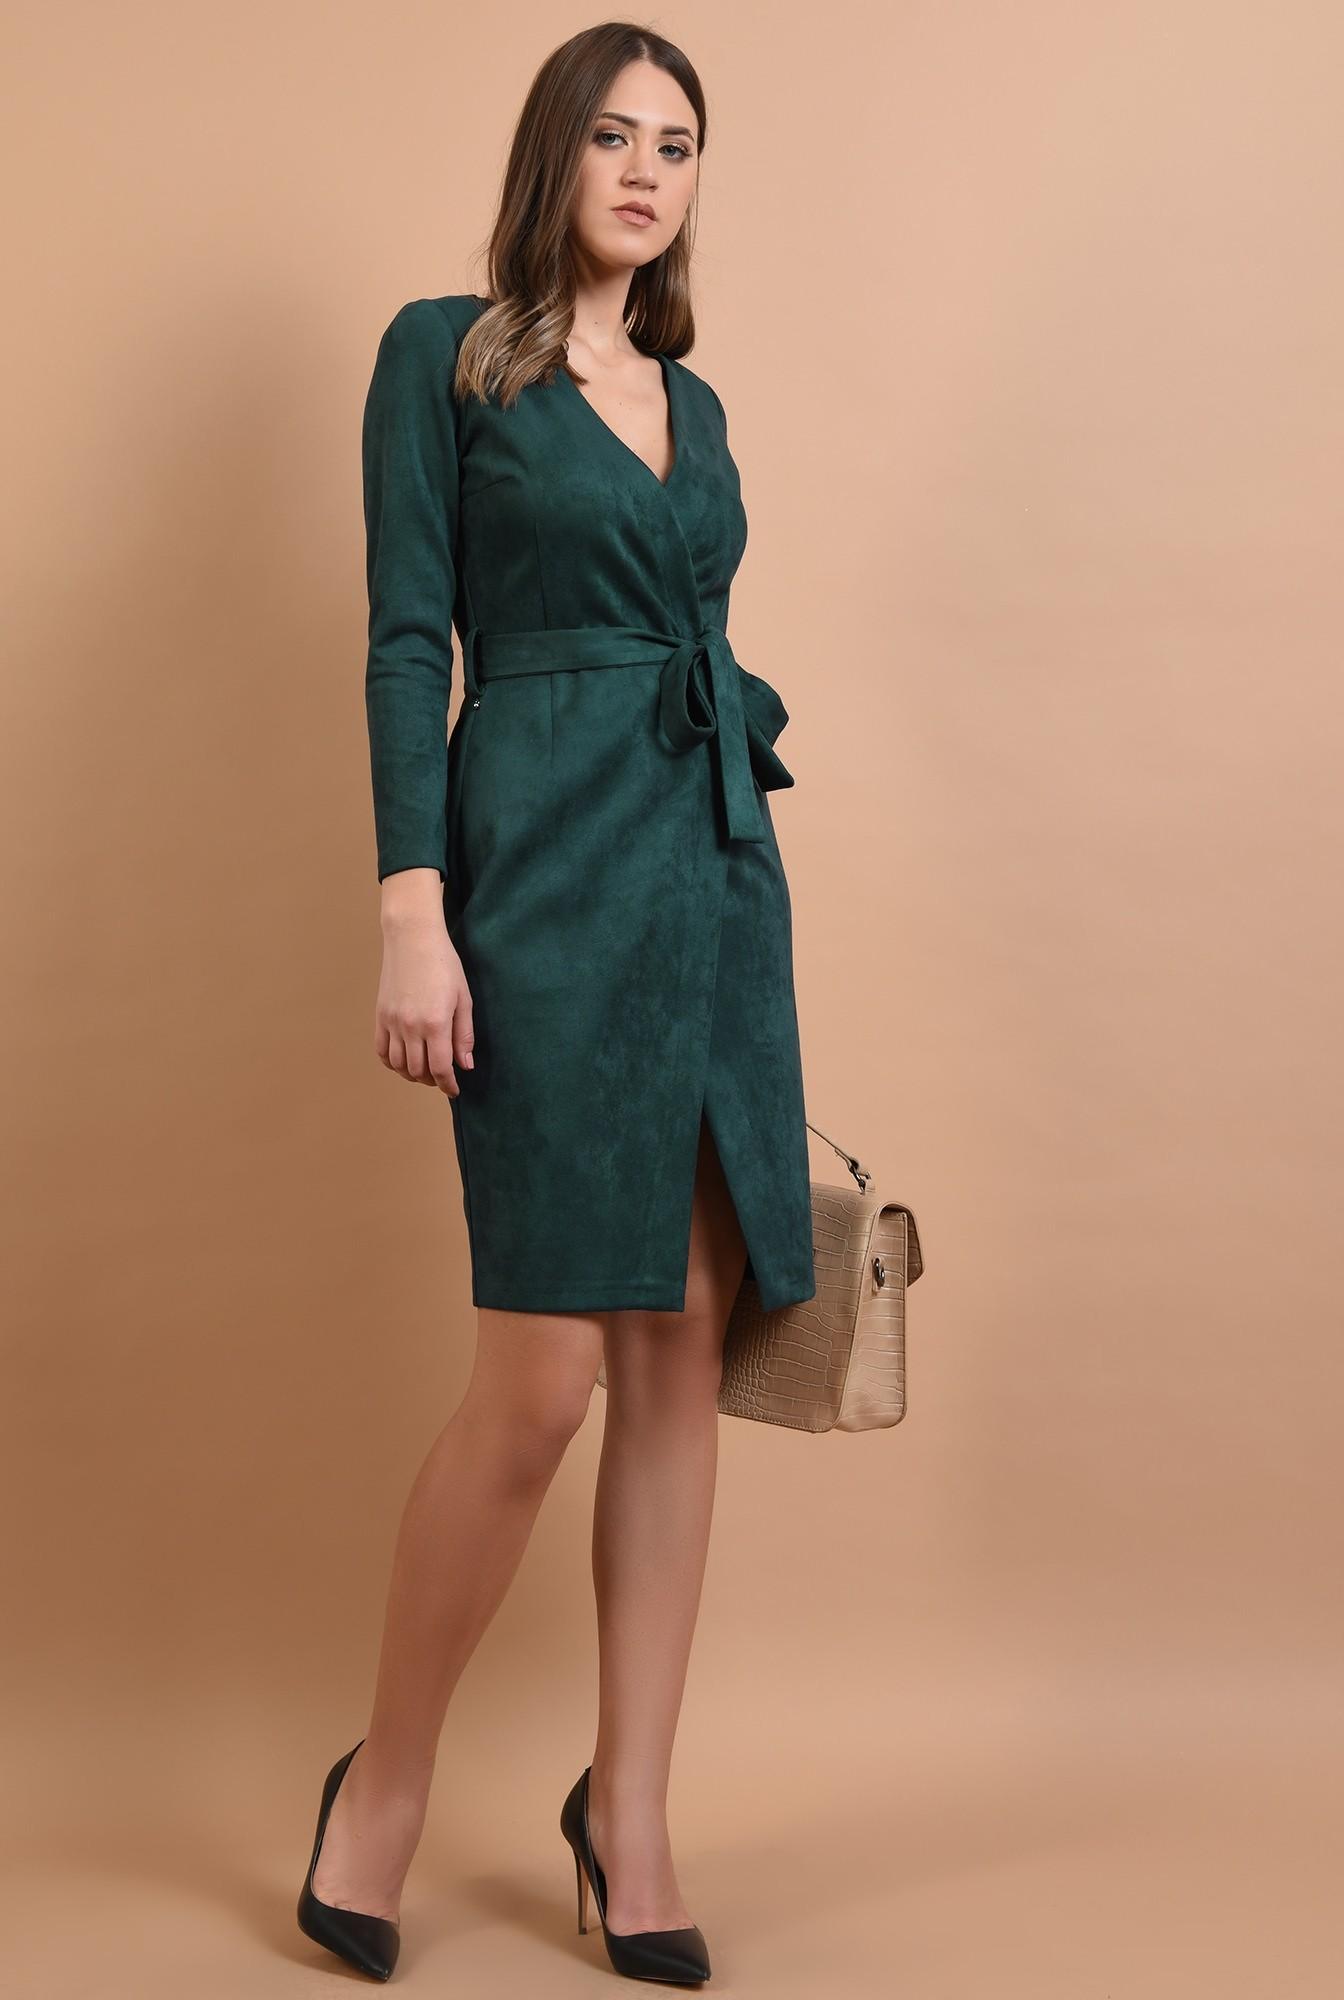 3 - rochie casual, piele intoarsa, midi, petrecuta, cordon